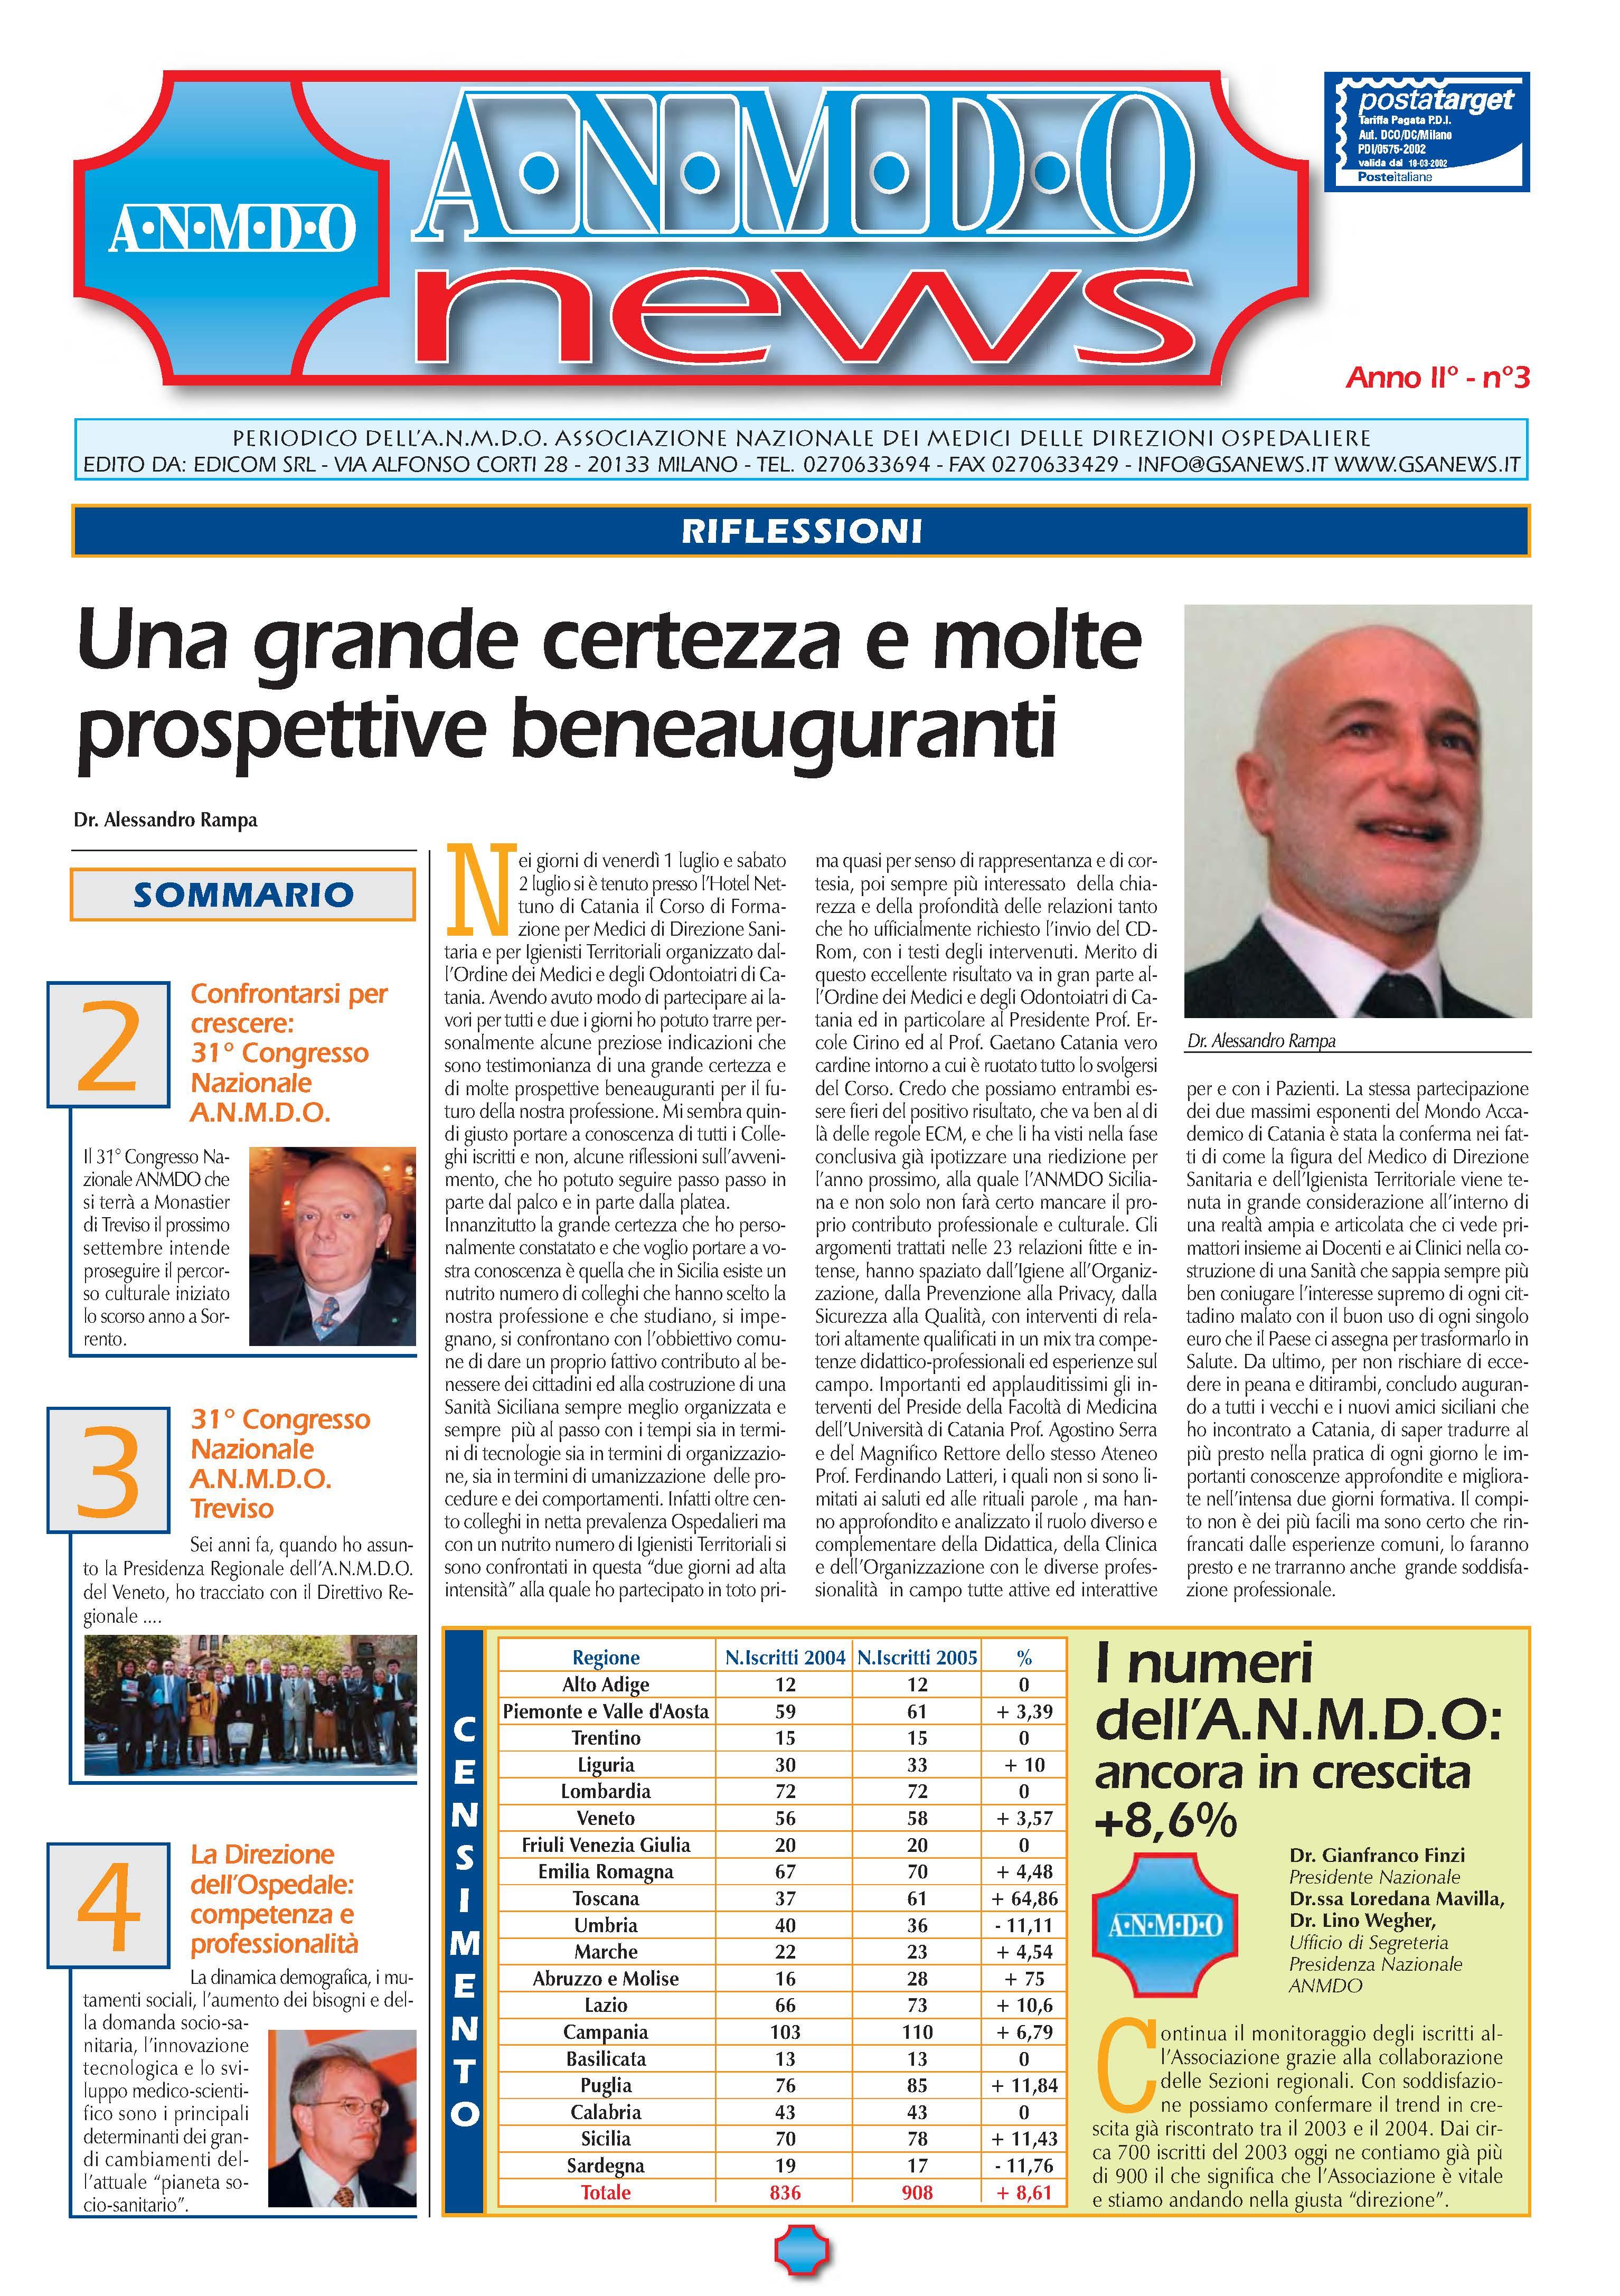 pagine-da-anmdonews_3_05